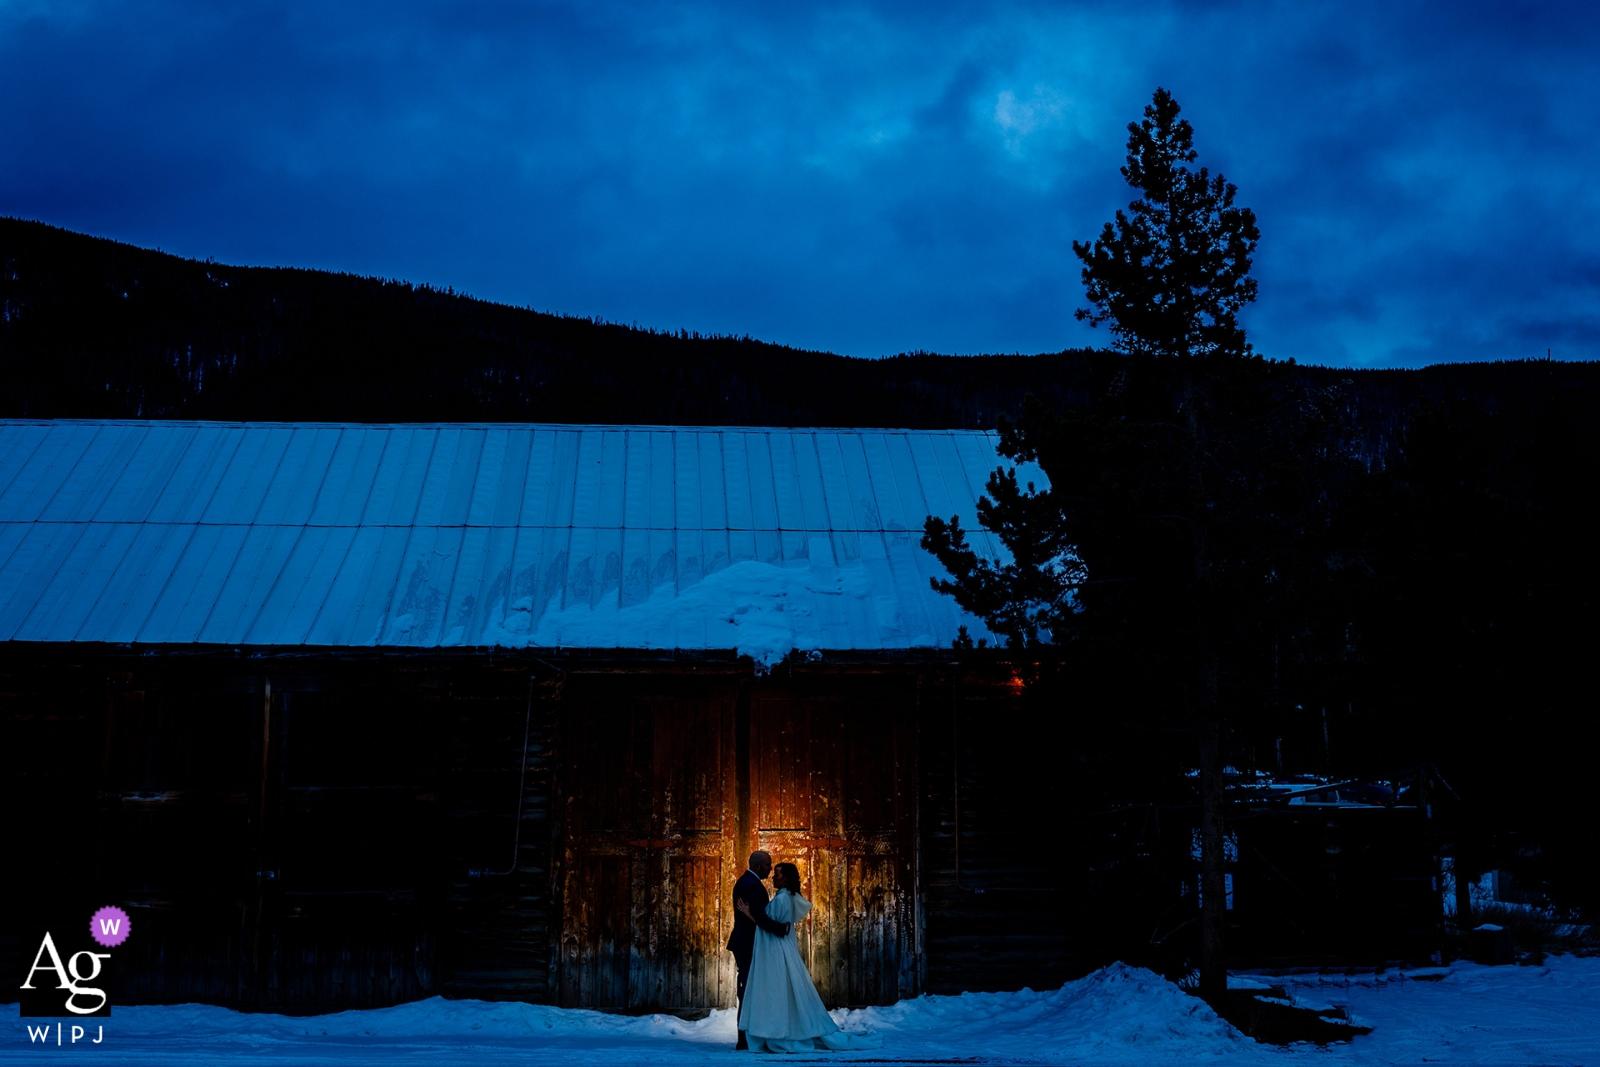 Colorado-Hochzeitstagbraut- und -bräutigamporträt im Schnee an der Dämmerung gegen eine beleuchtete Scheune